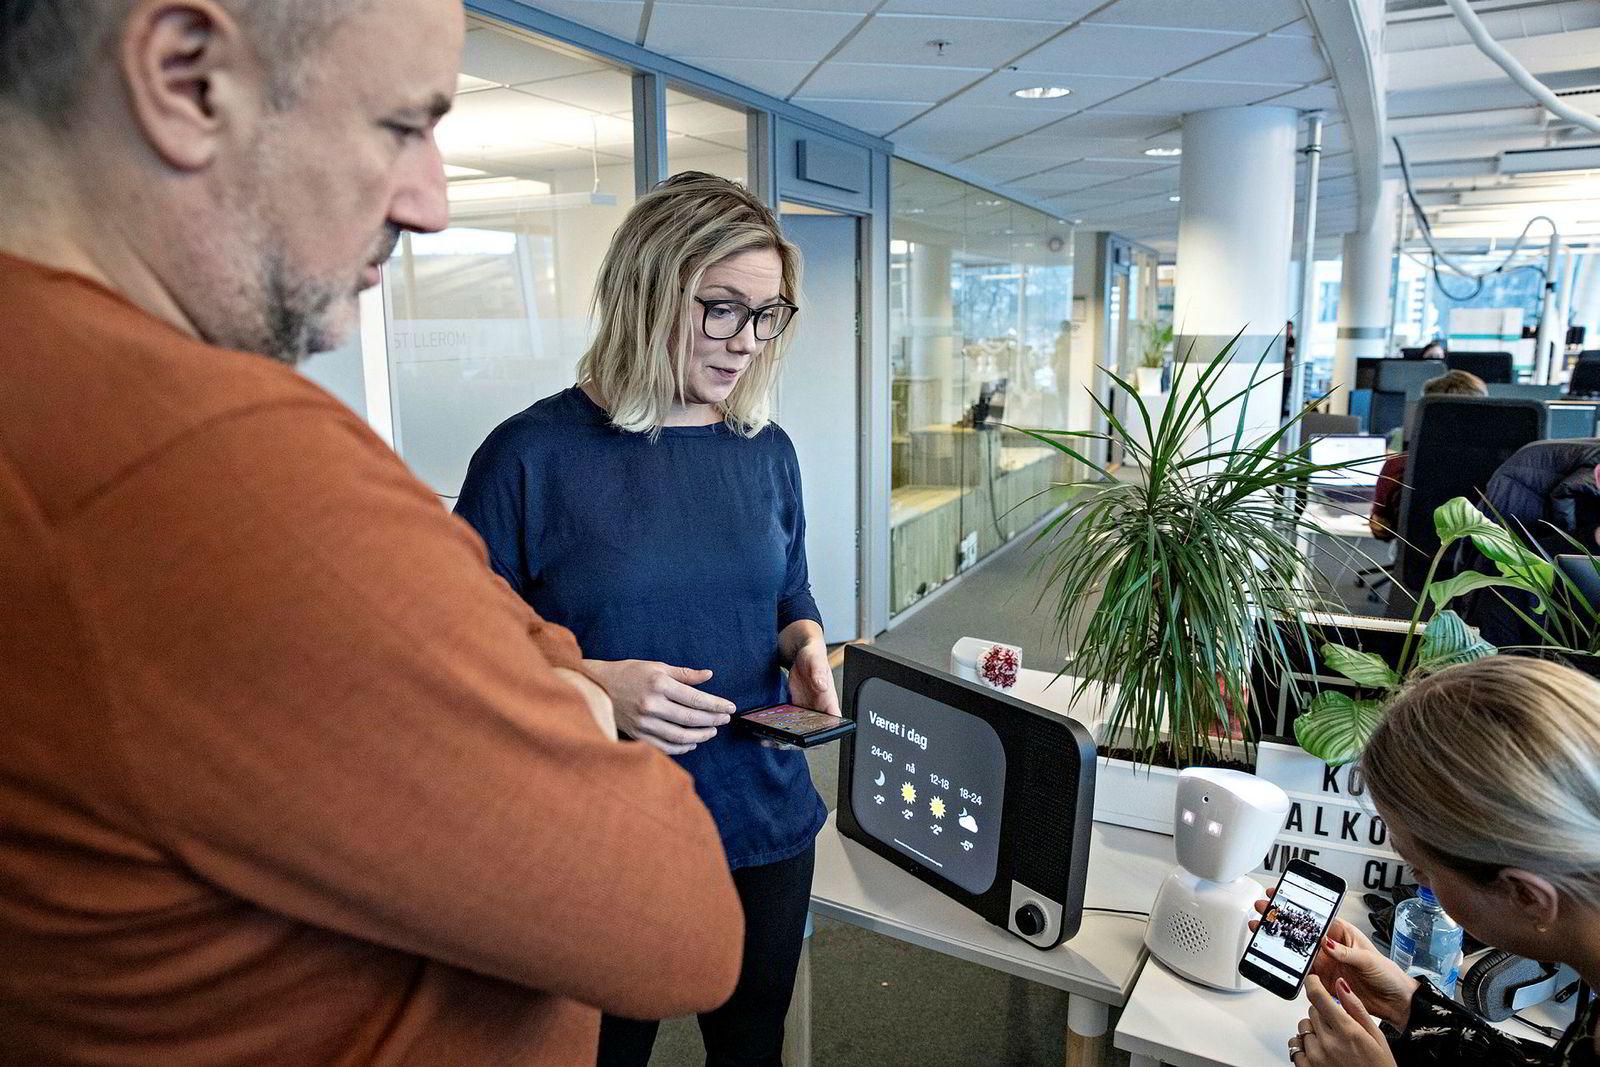 Oda Benedicte Løkholm Lewin viser Espen Agdestein fra fondet Idekapital og No Isolation-sjef Karen Dolva (midten) hvordan familiemedlemmer kan bruke en app til å sende bilder og meldinger til Komp-skjermen (med svart ramme).